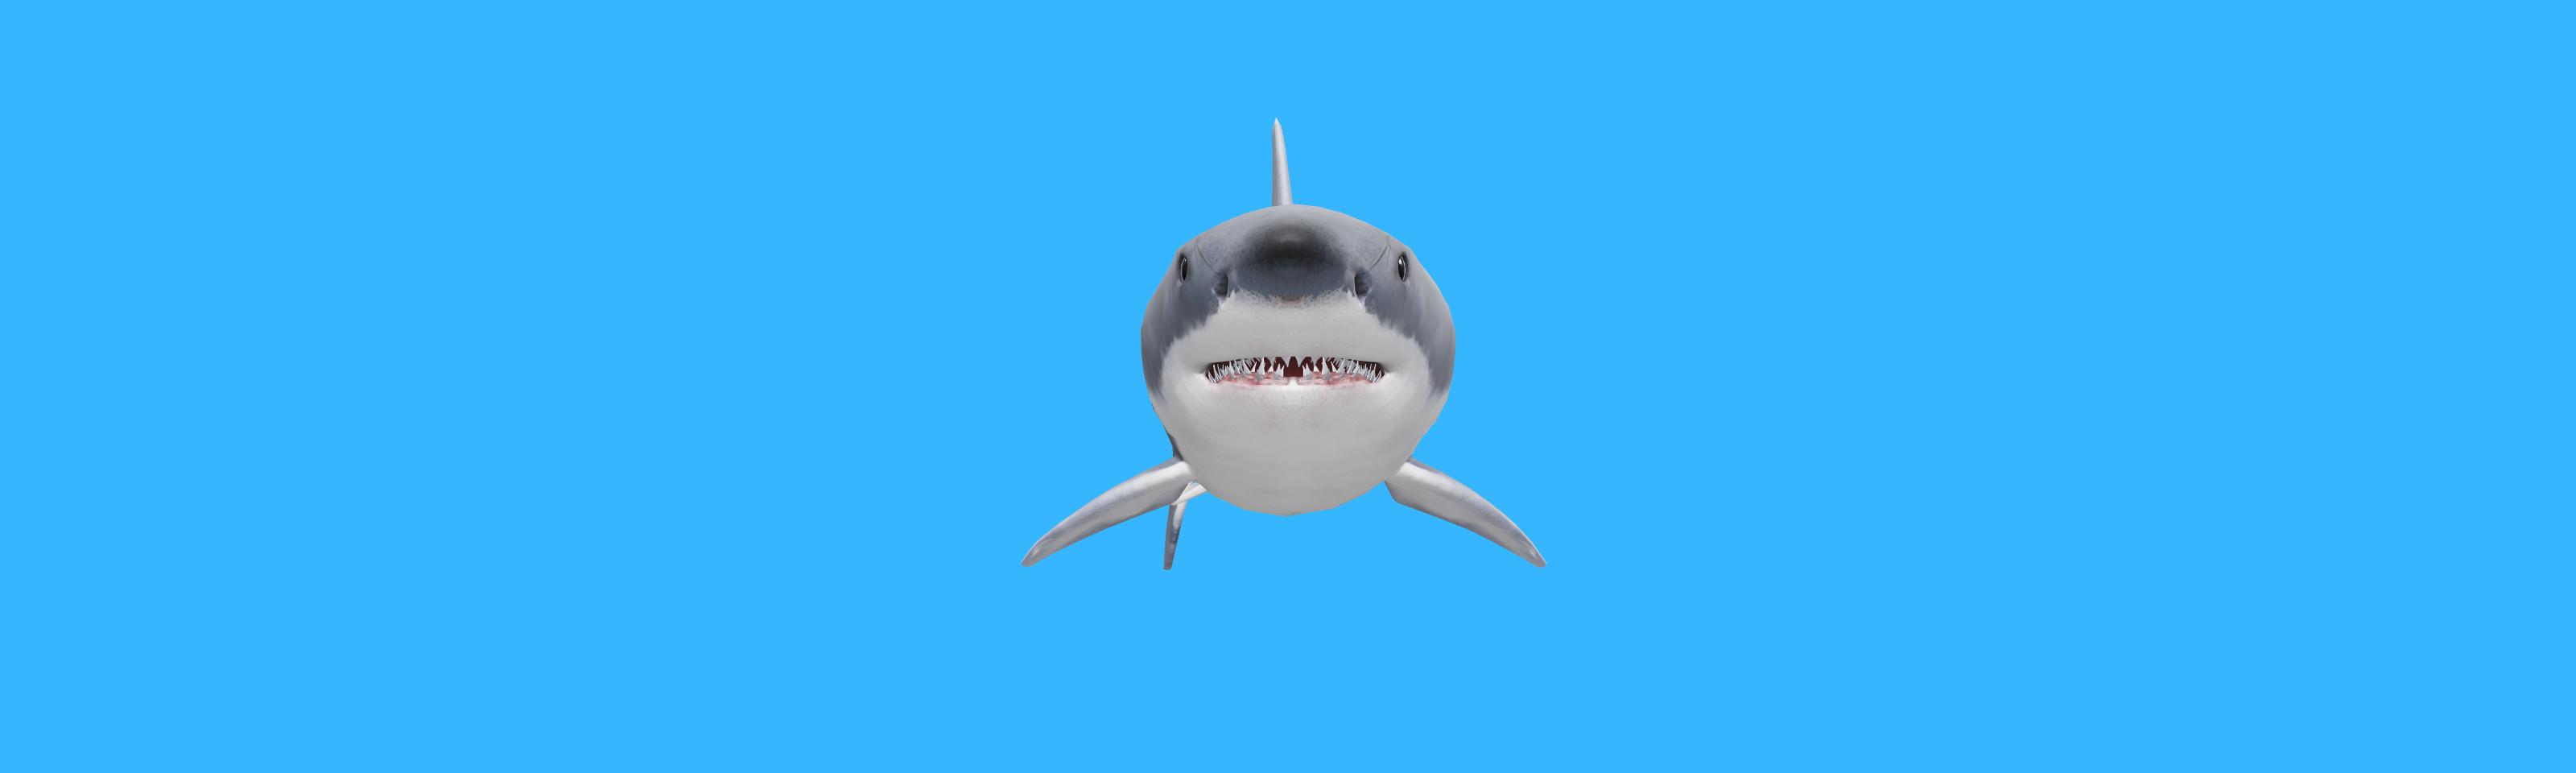 A 3D image of a shark.